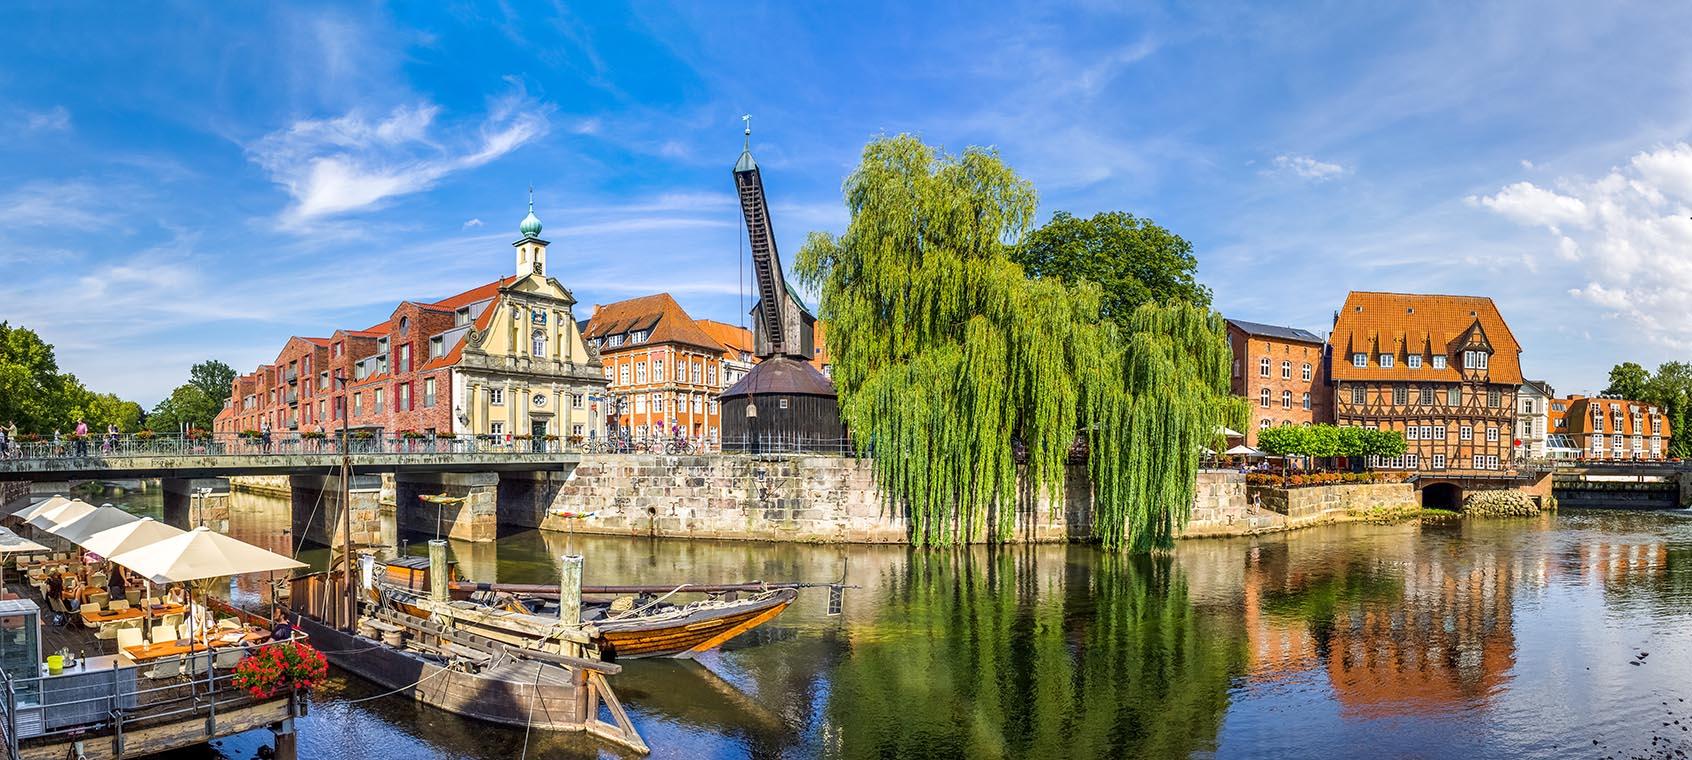 Ihre persönliche Steuerberatung in Lüneburg